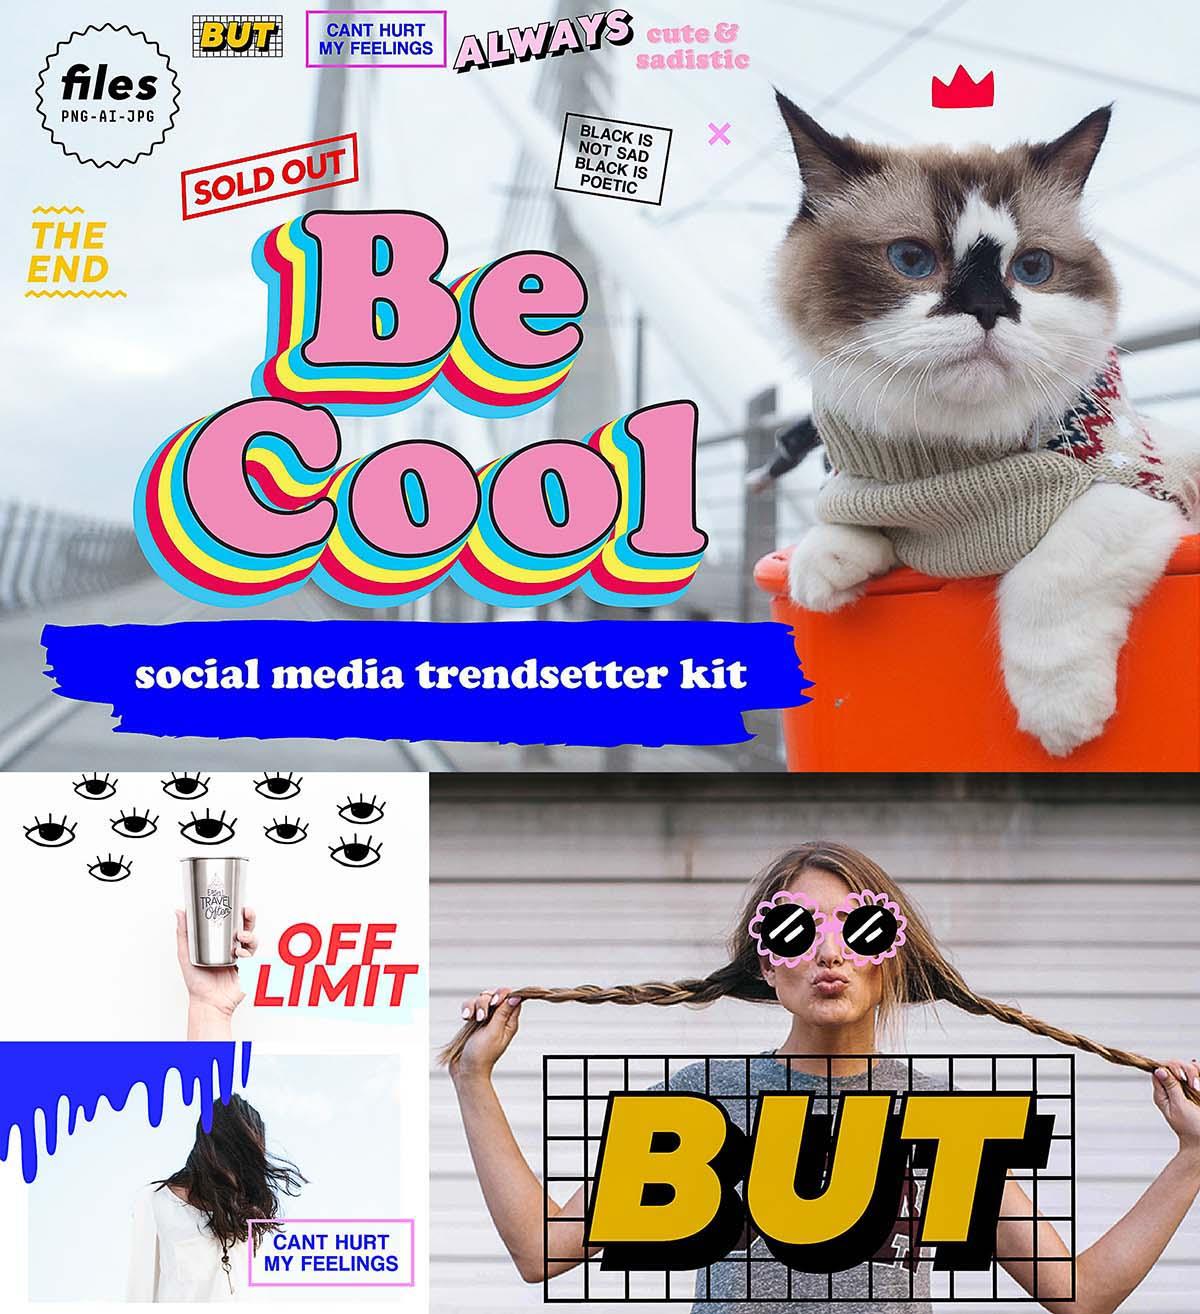 Social media trendsetter stickers